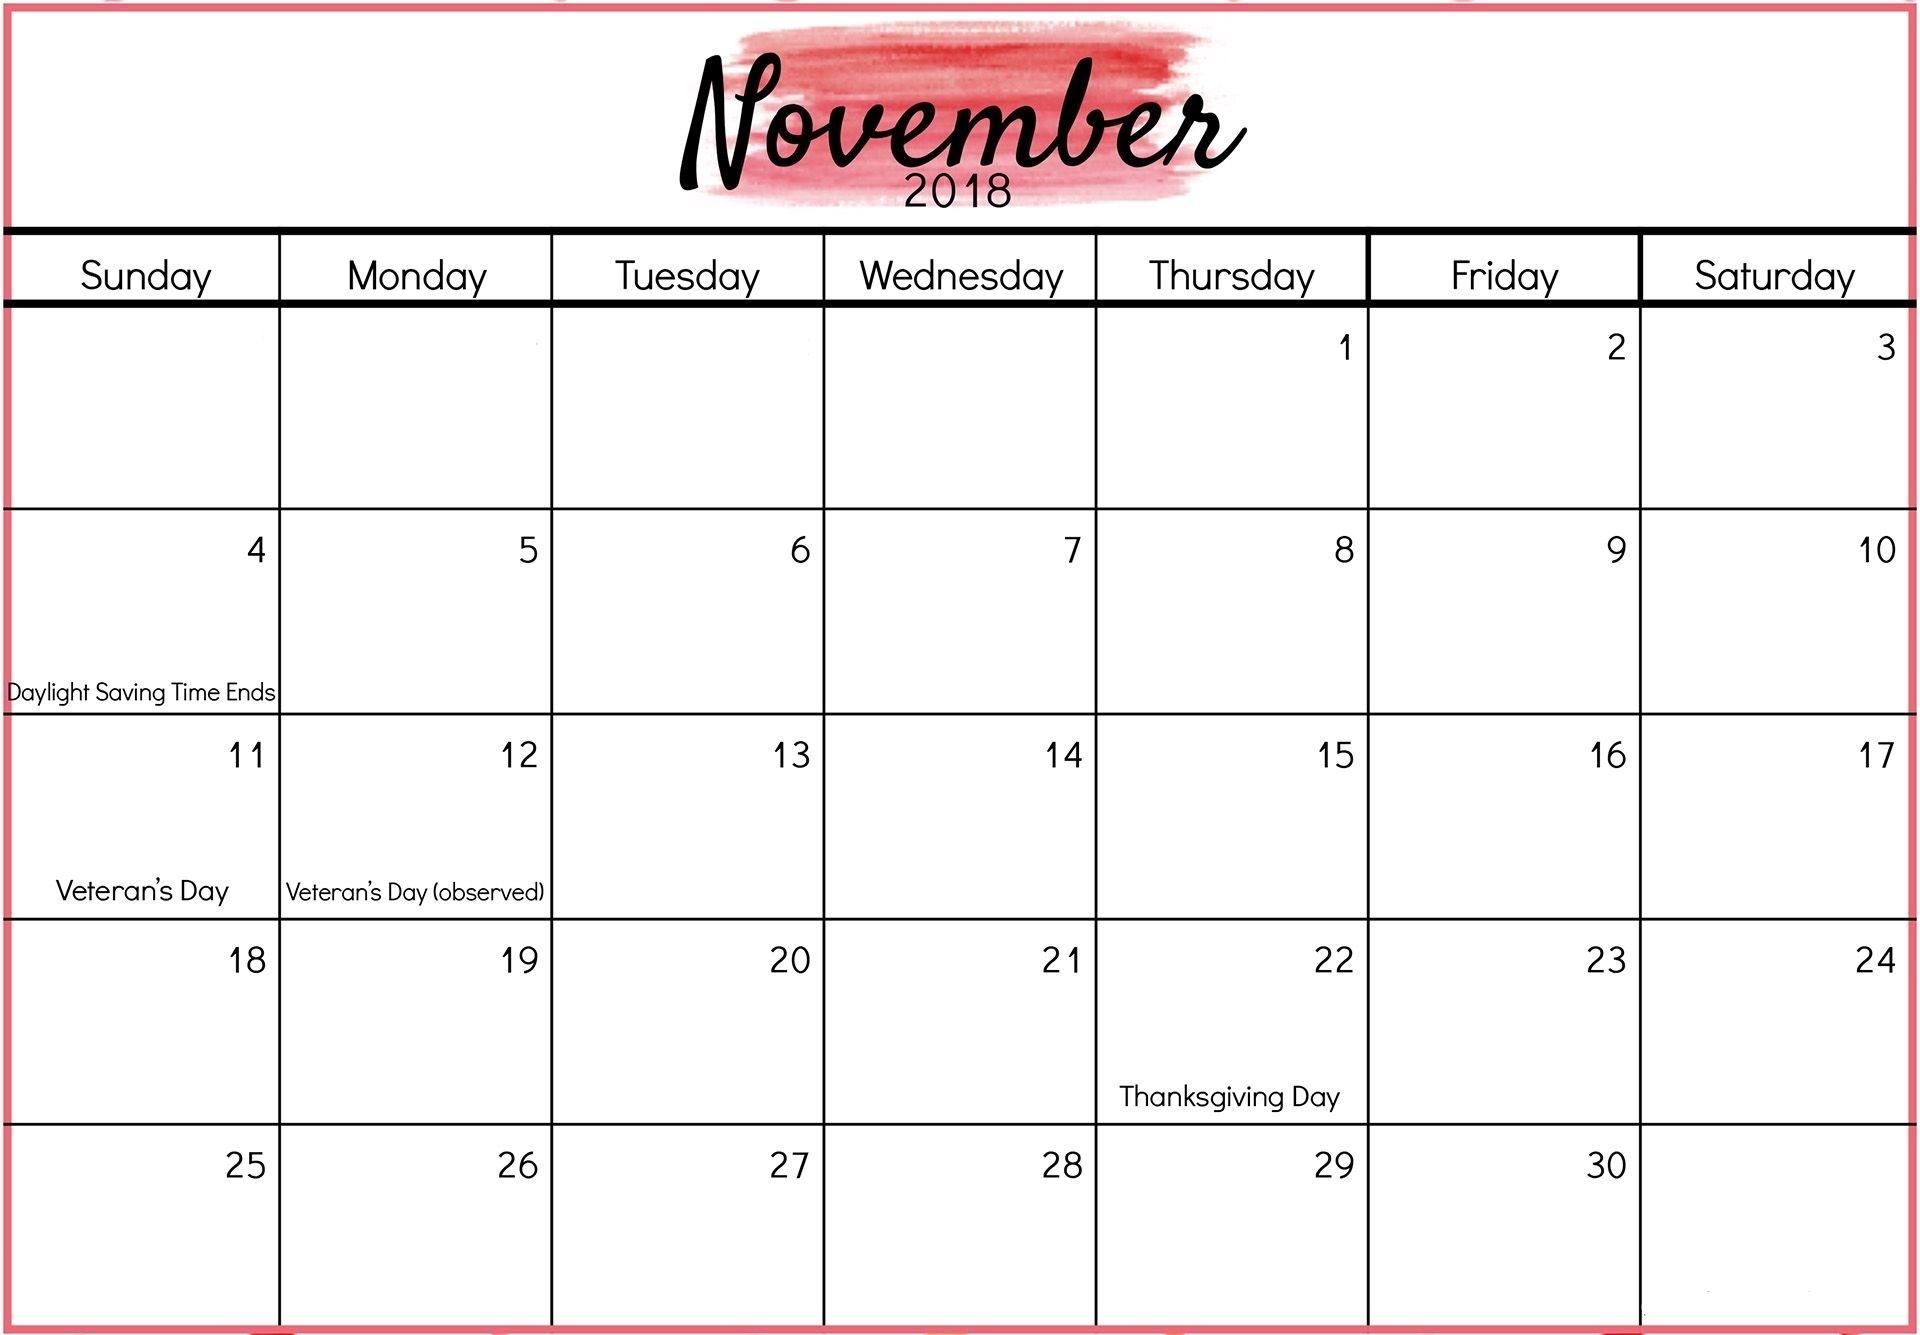 November 2018 Calendar Printable Planner | Blank November 2018